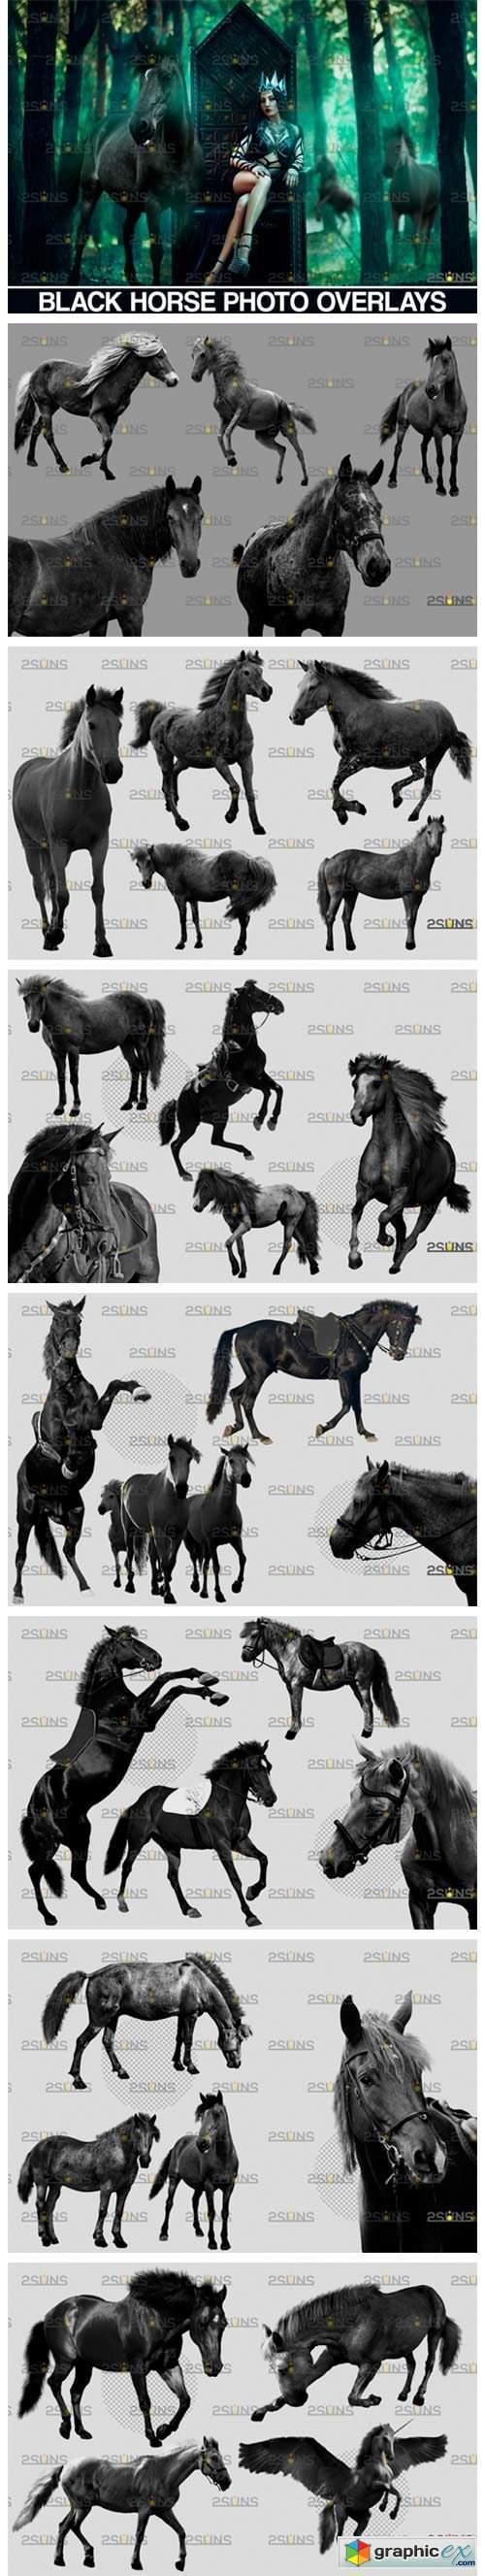 Photoshop Overlay Black Horse  8559805